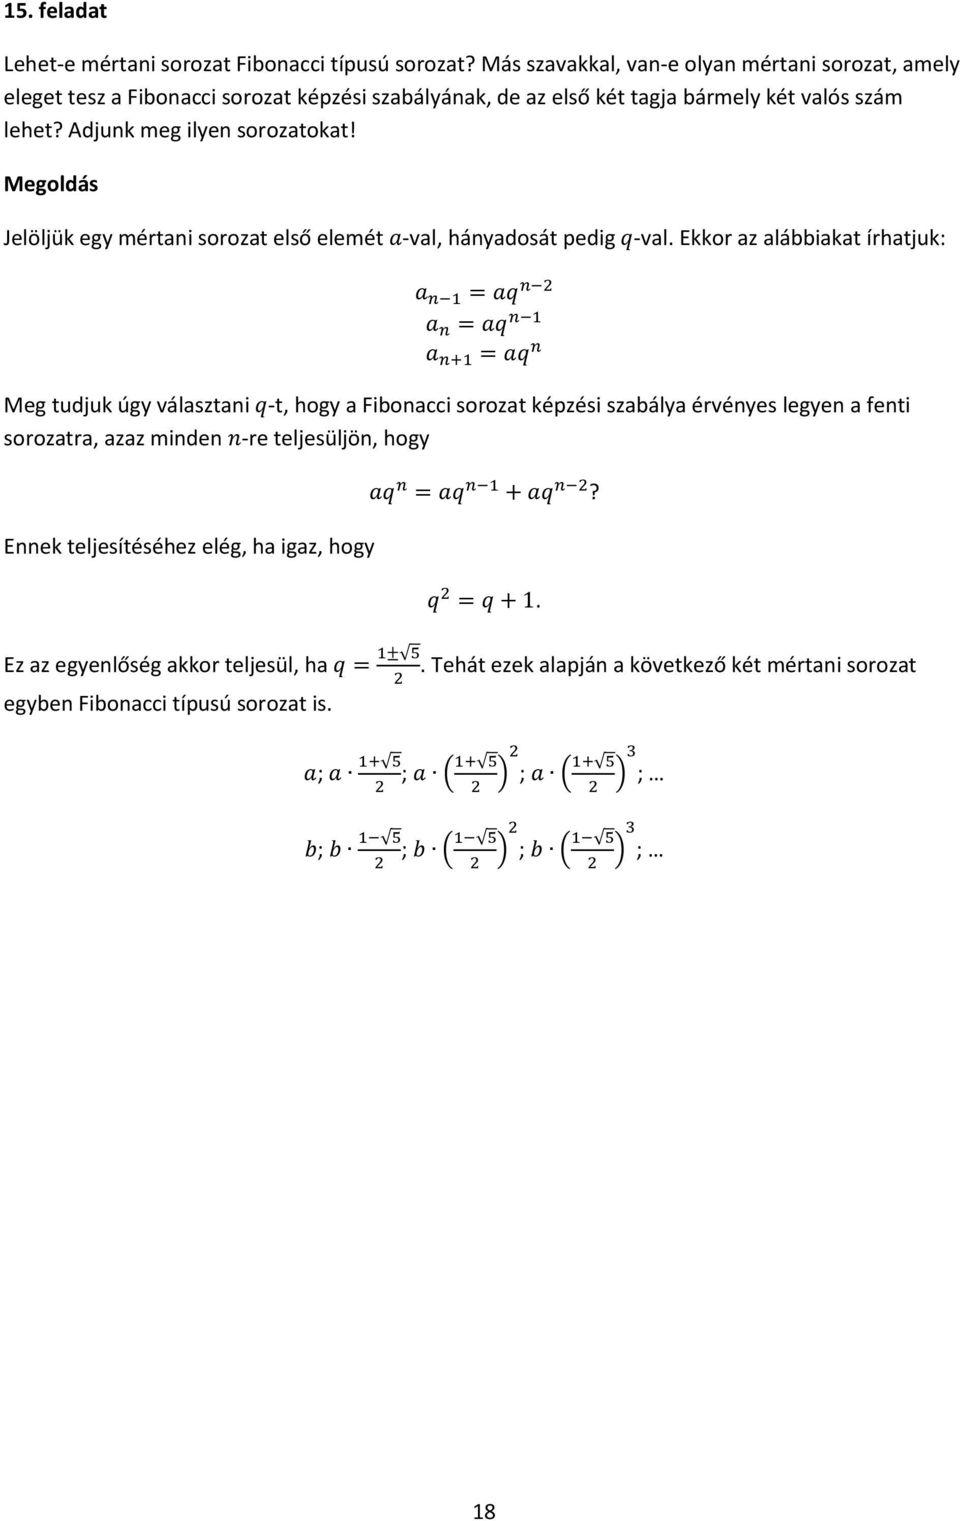 Középiskolai matematika szakköri Feladatok a Fibonacci számok témaköréből Melczer Kinga